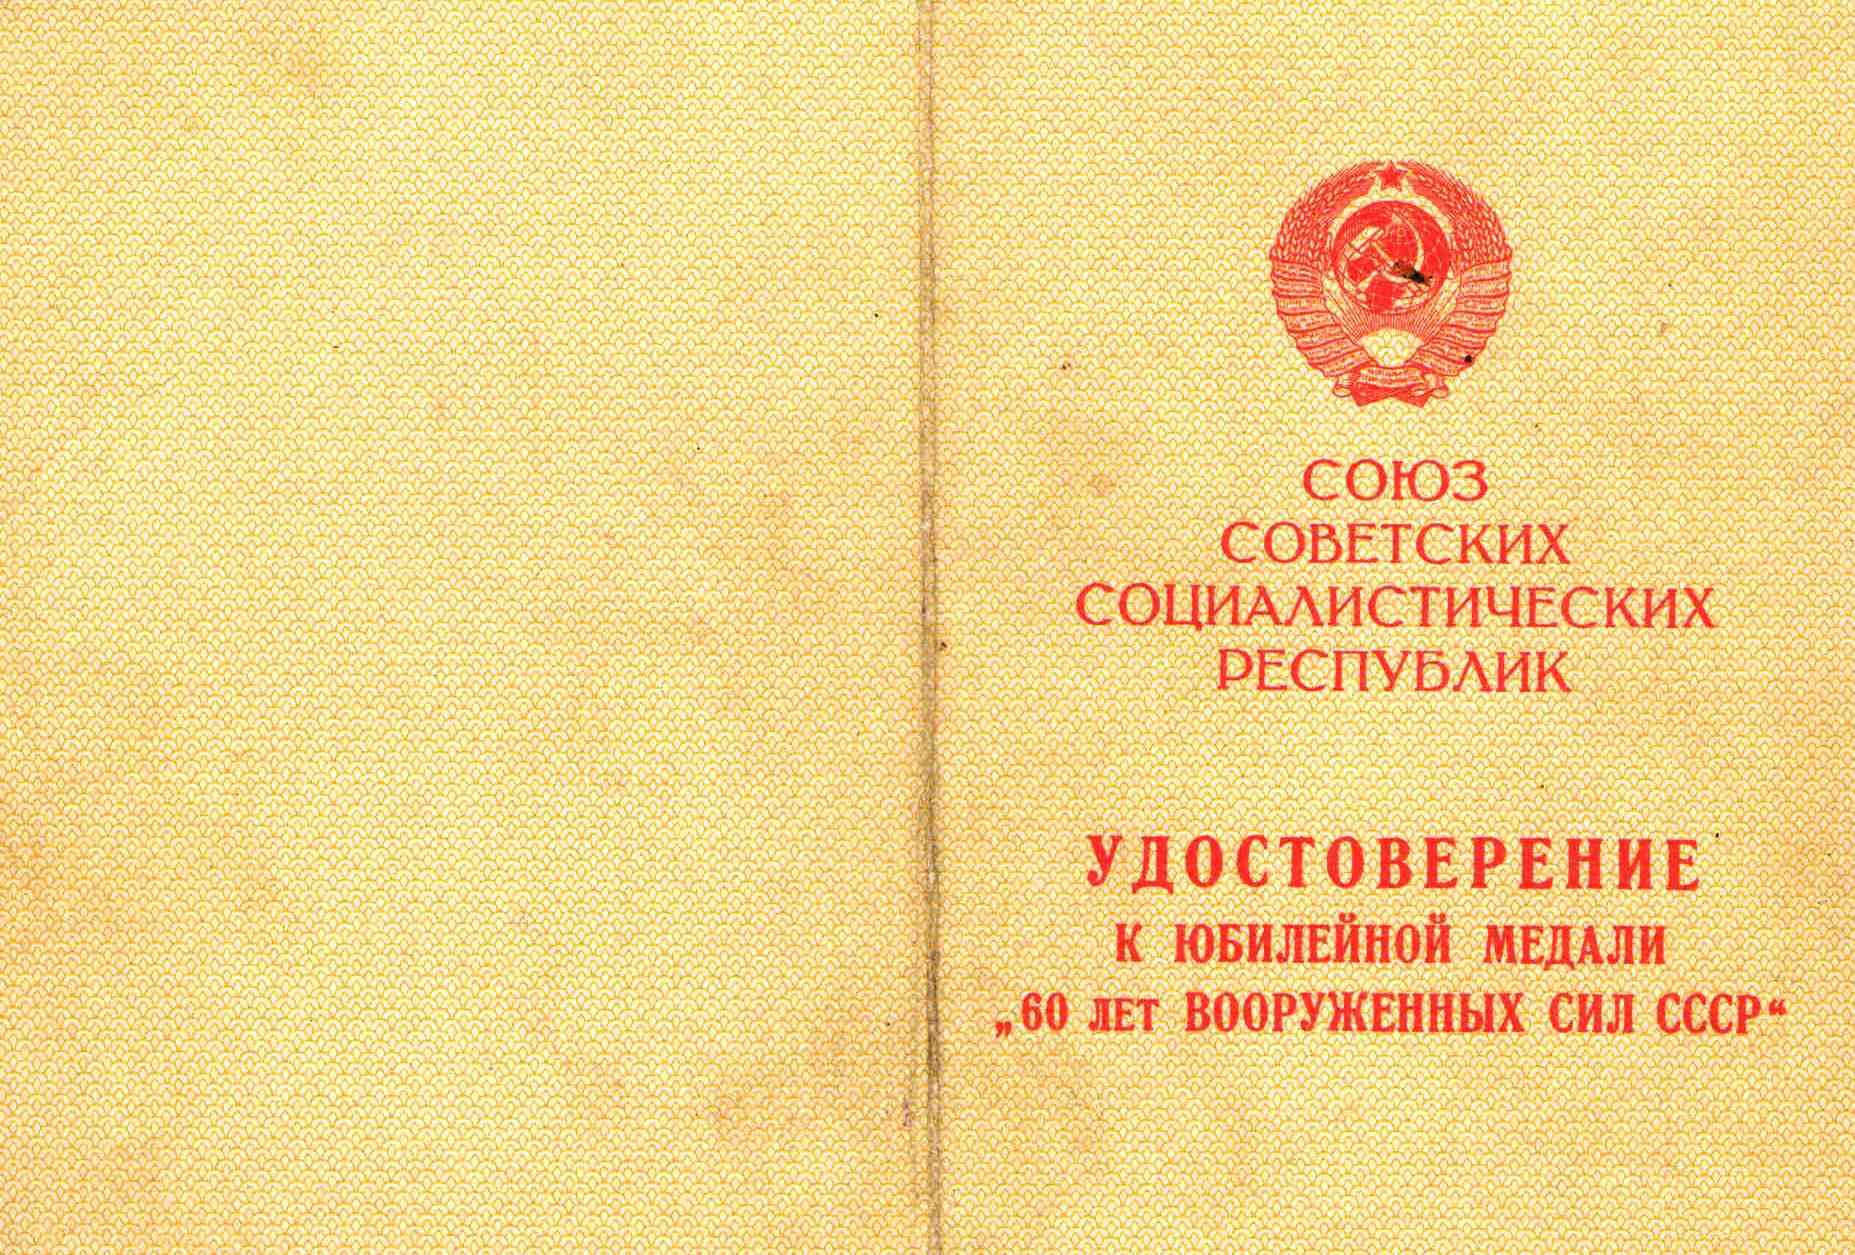 101. Удостоверение к медали 60 лет Вооруженных Сил, Барыкин ПП, 1979